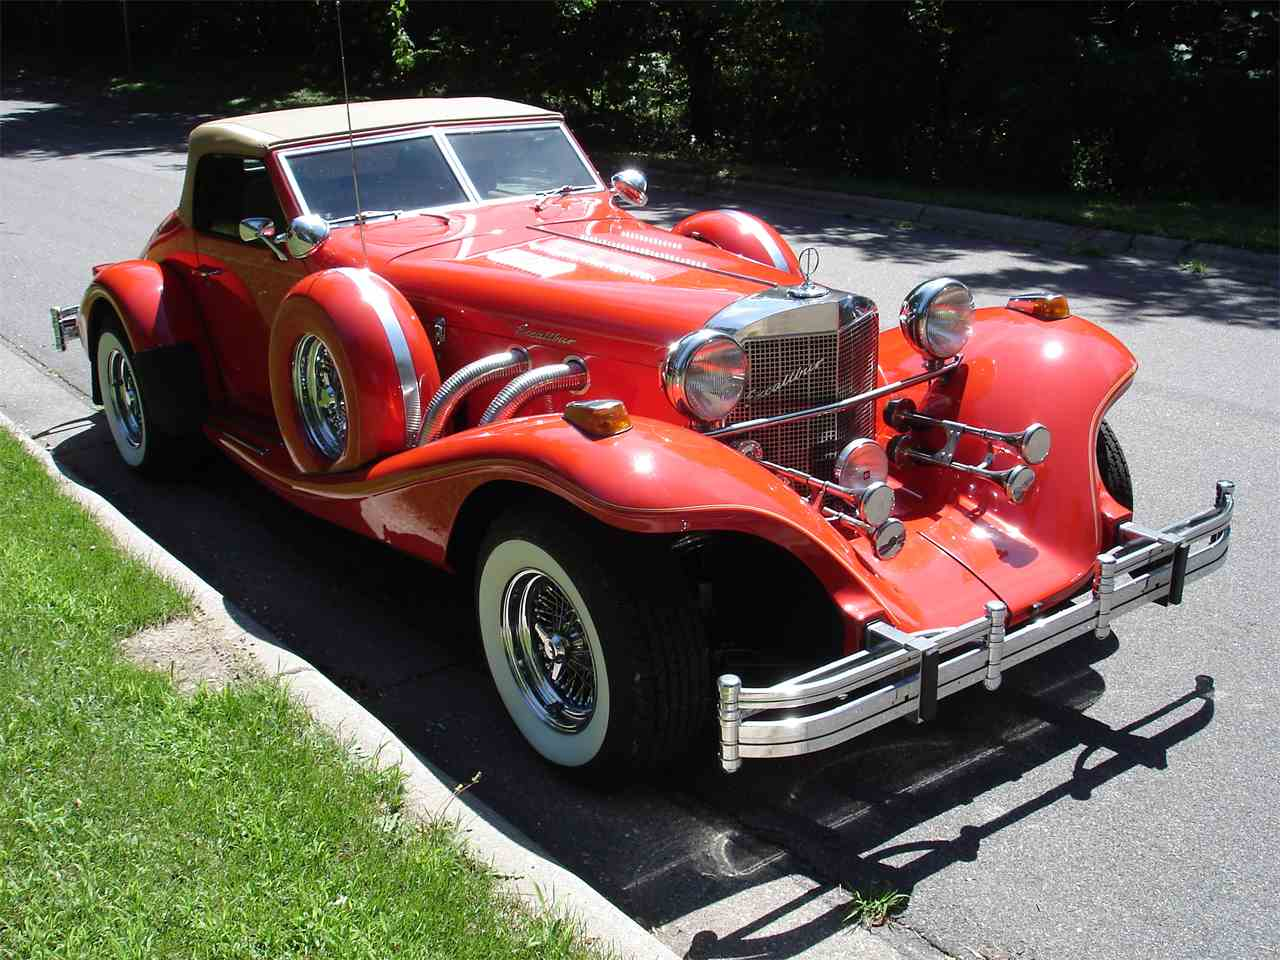 Roseville Car Insurance